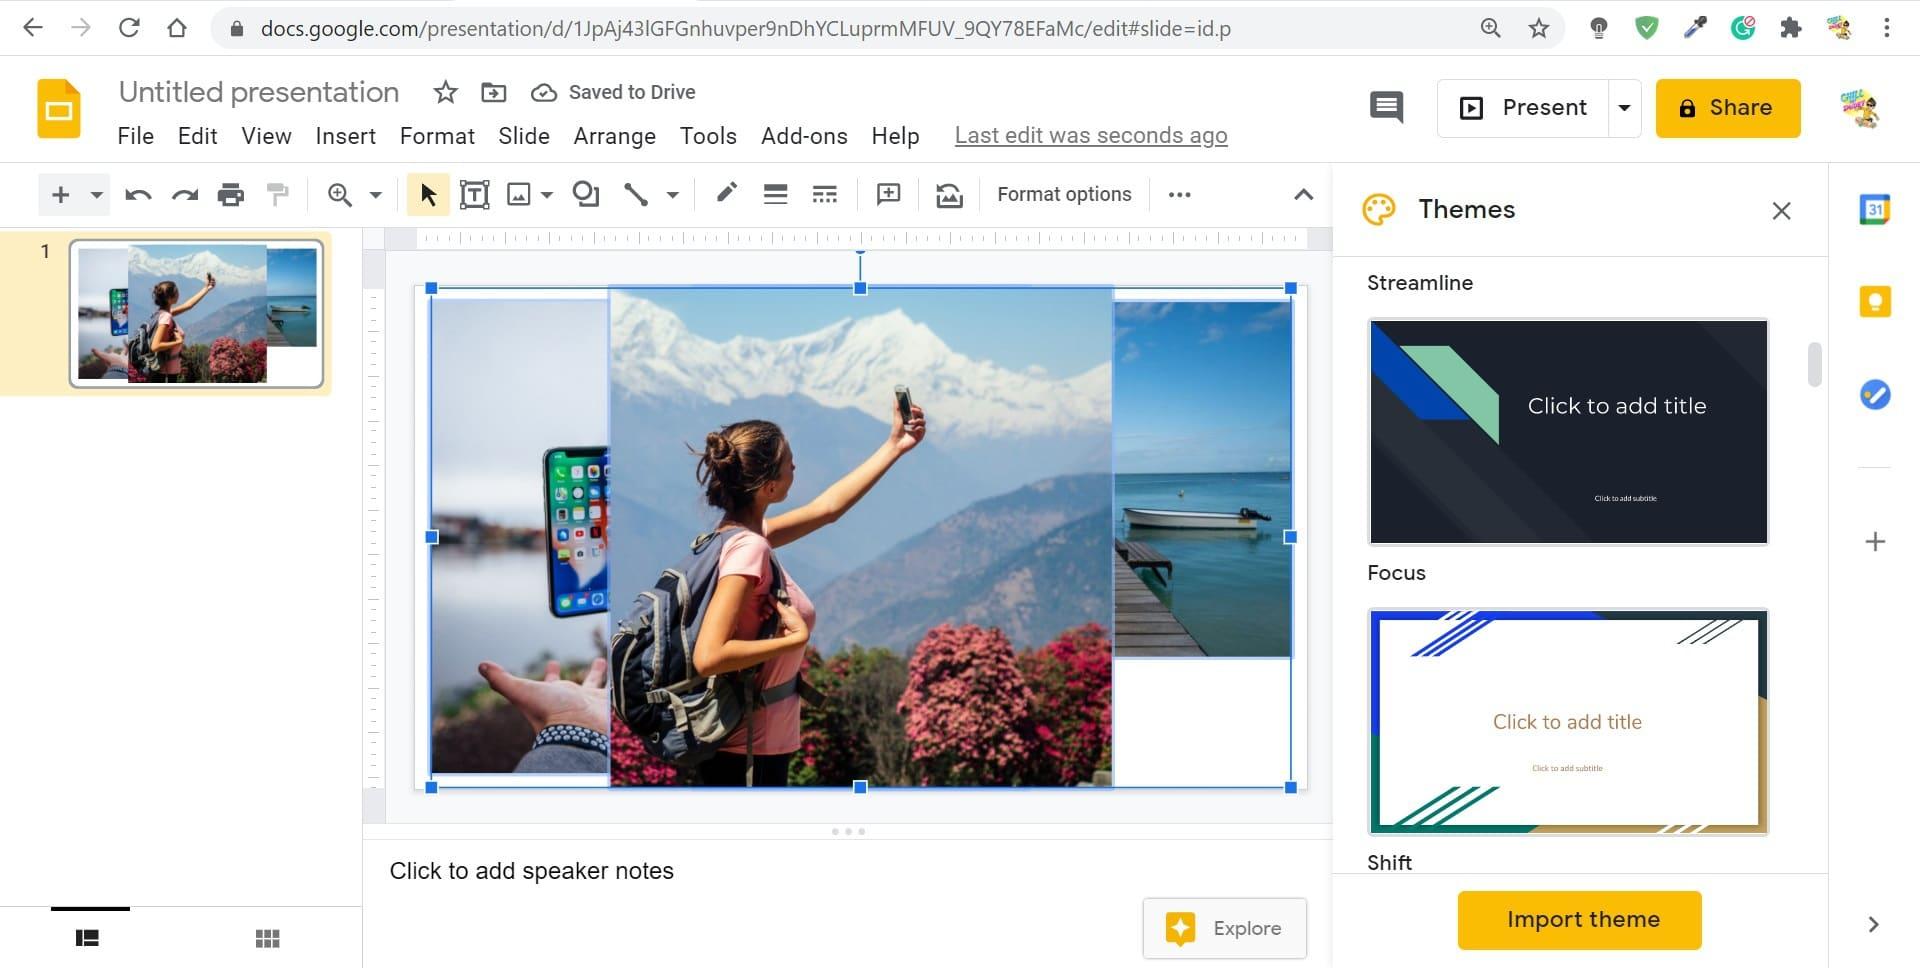 google slides collage